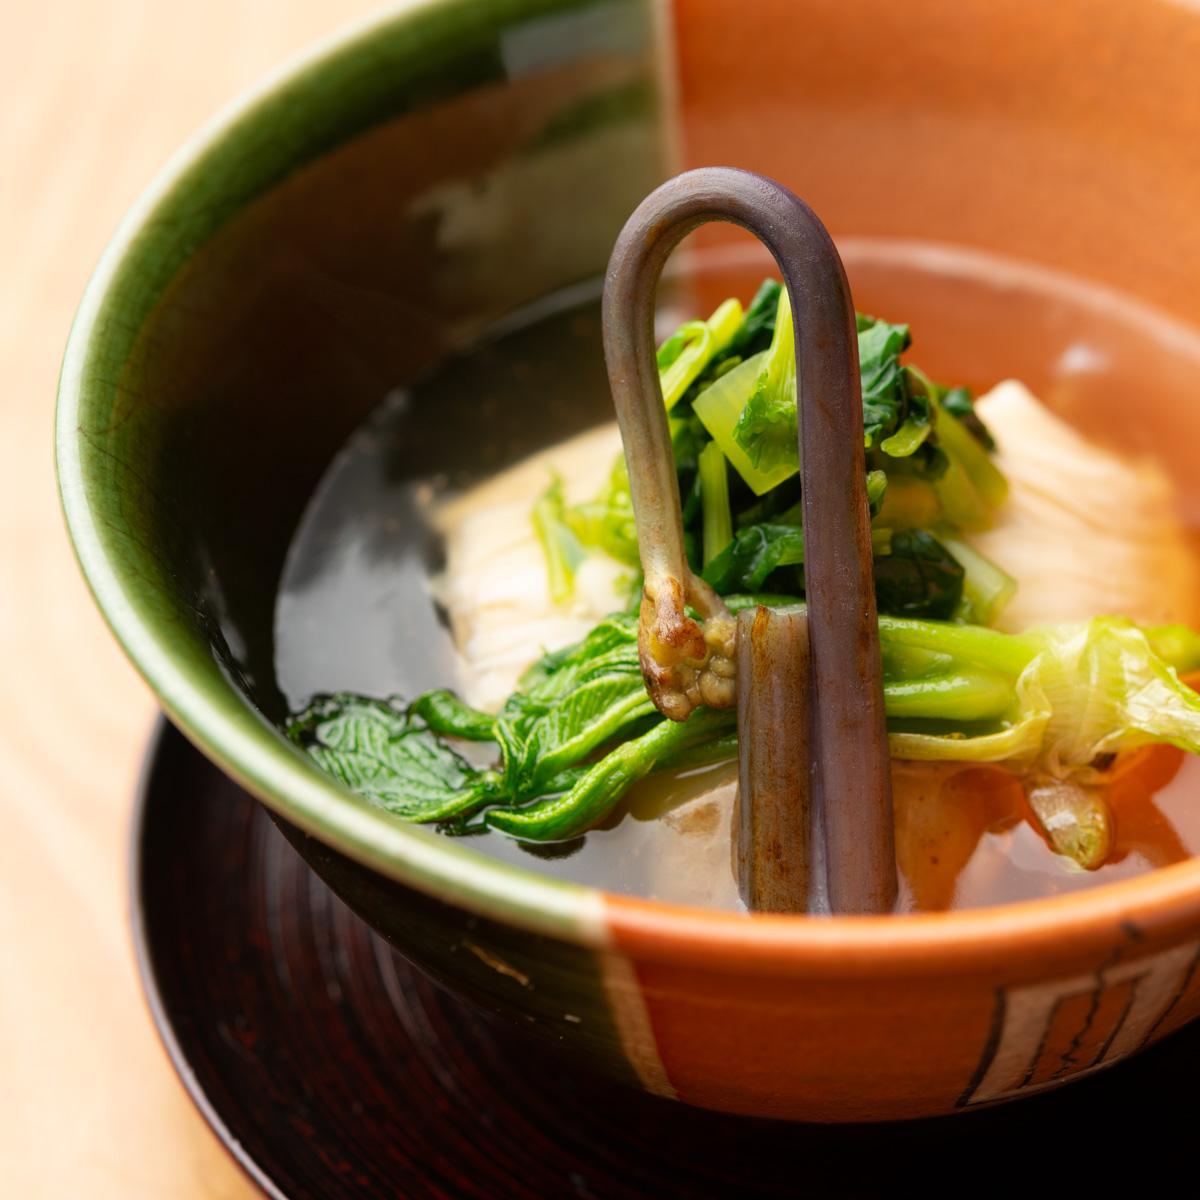 煮物|三河もち豚と春野菜の生湯葉あんかけ